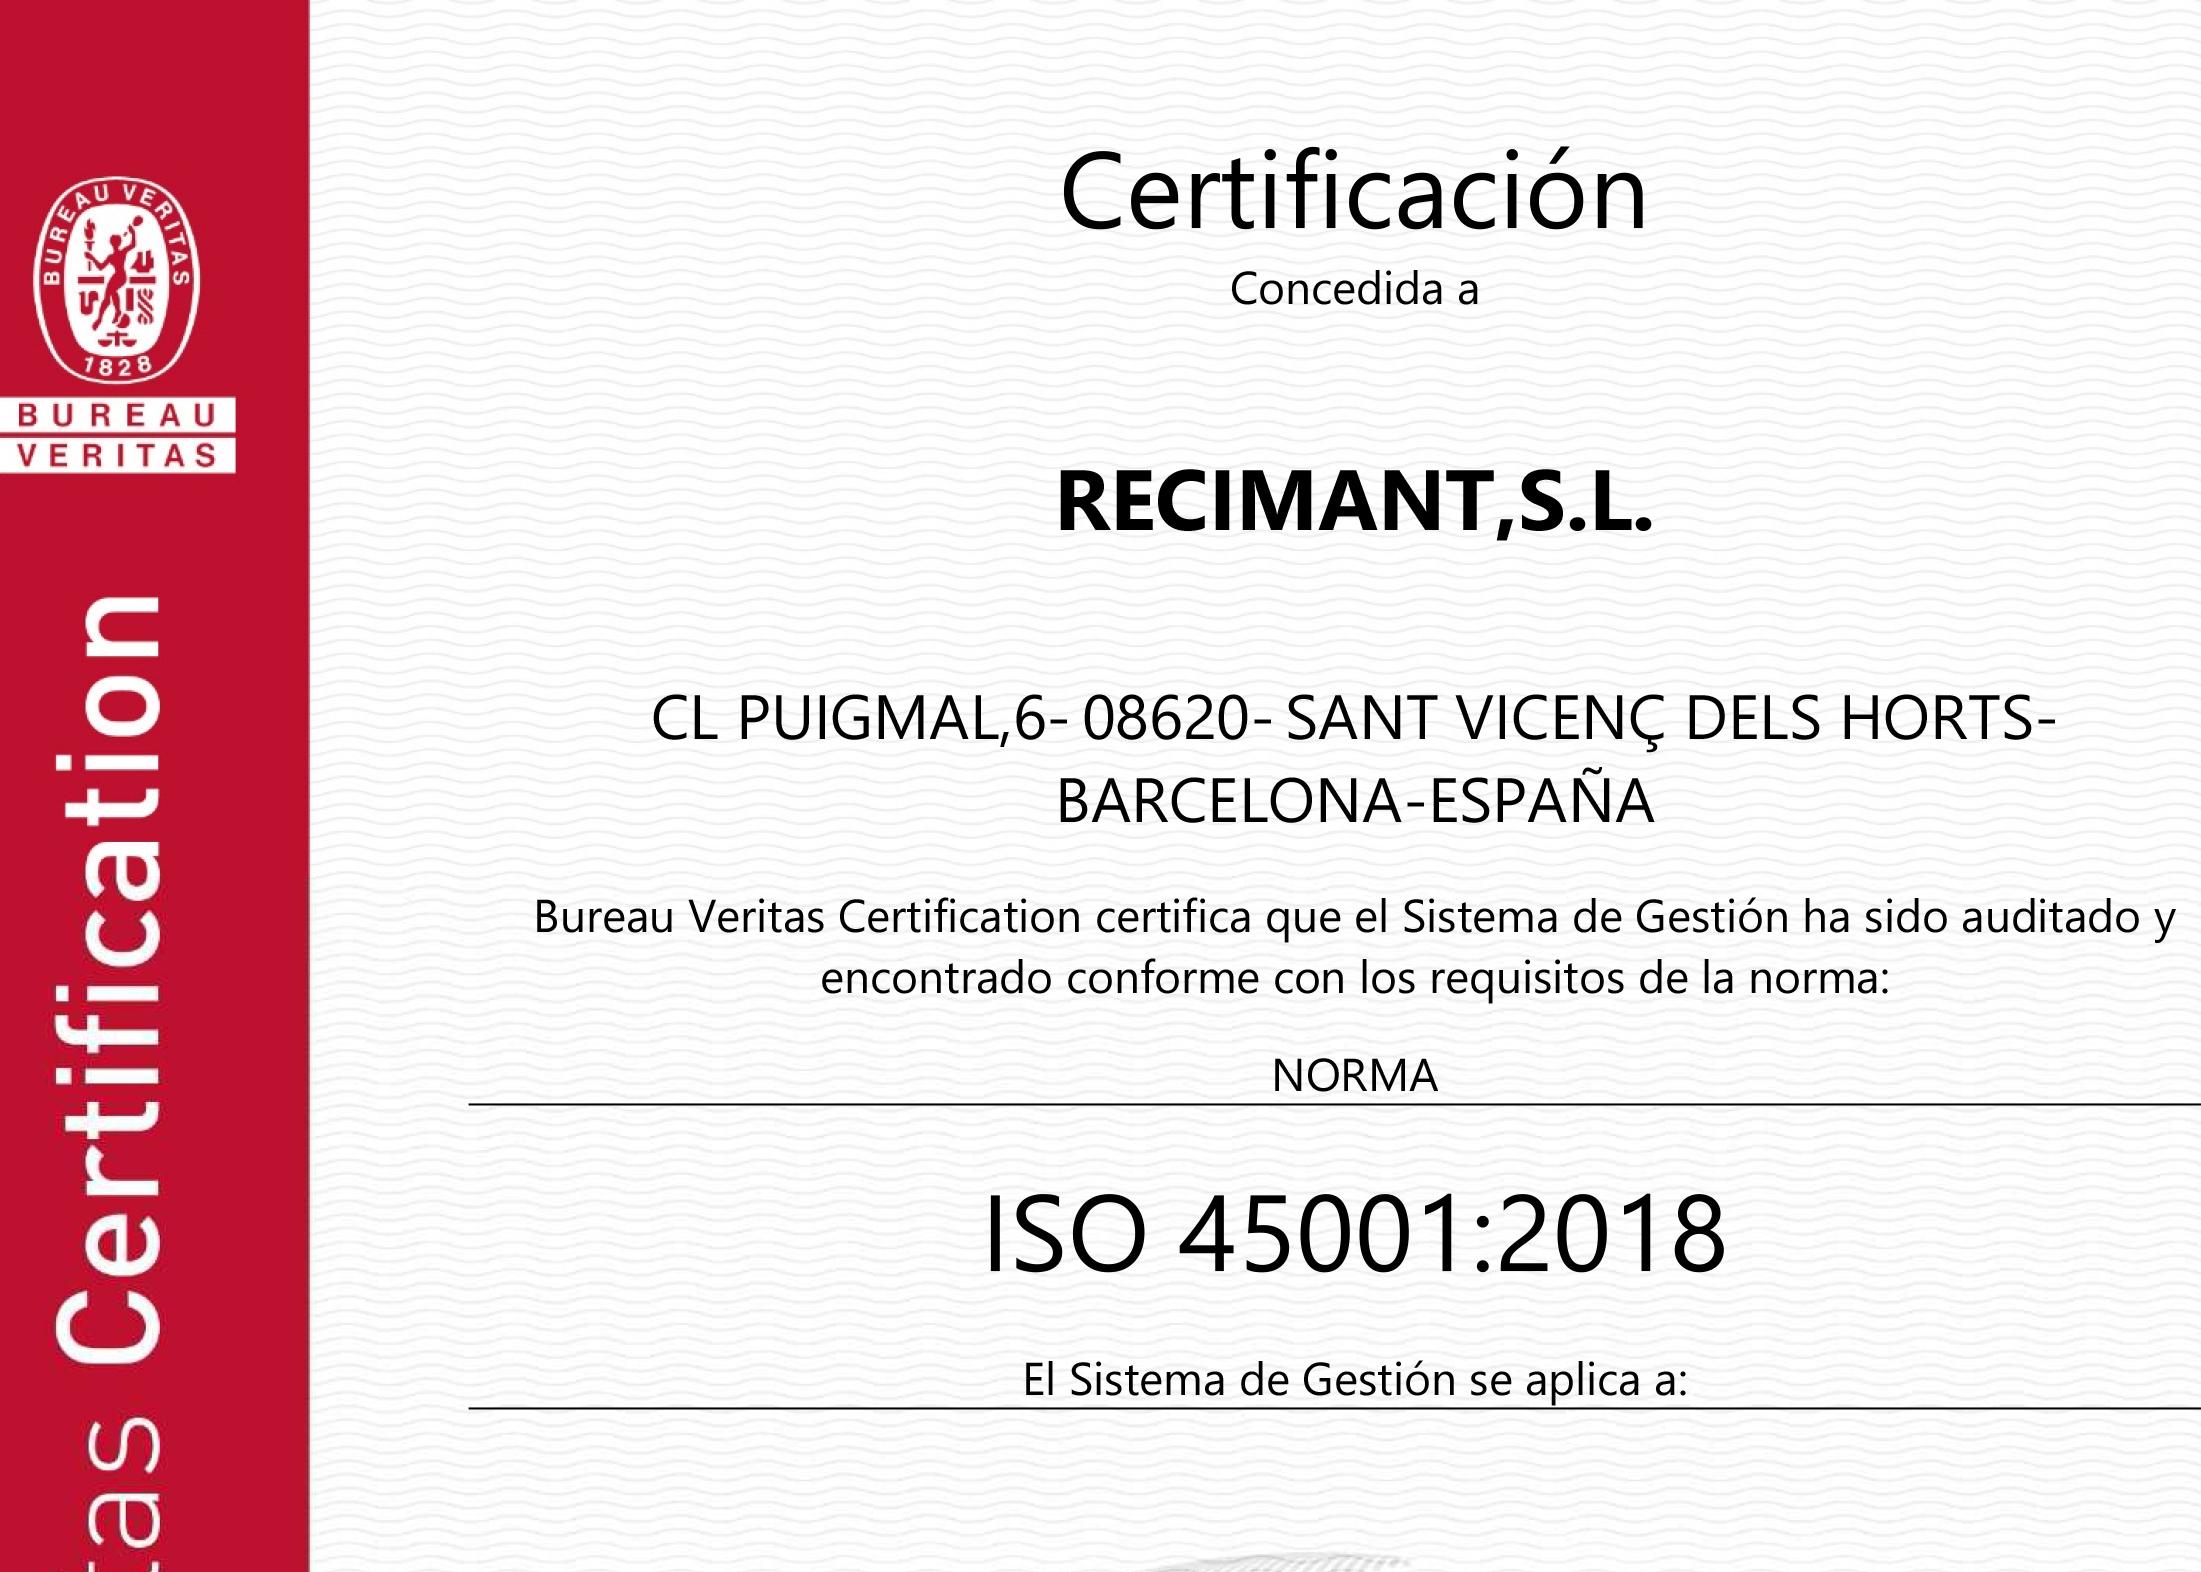 Recimant se certifica por la norma de seguridad y salud en el trabajo ISO 45001.